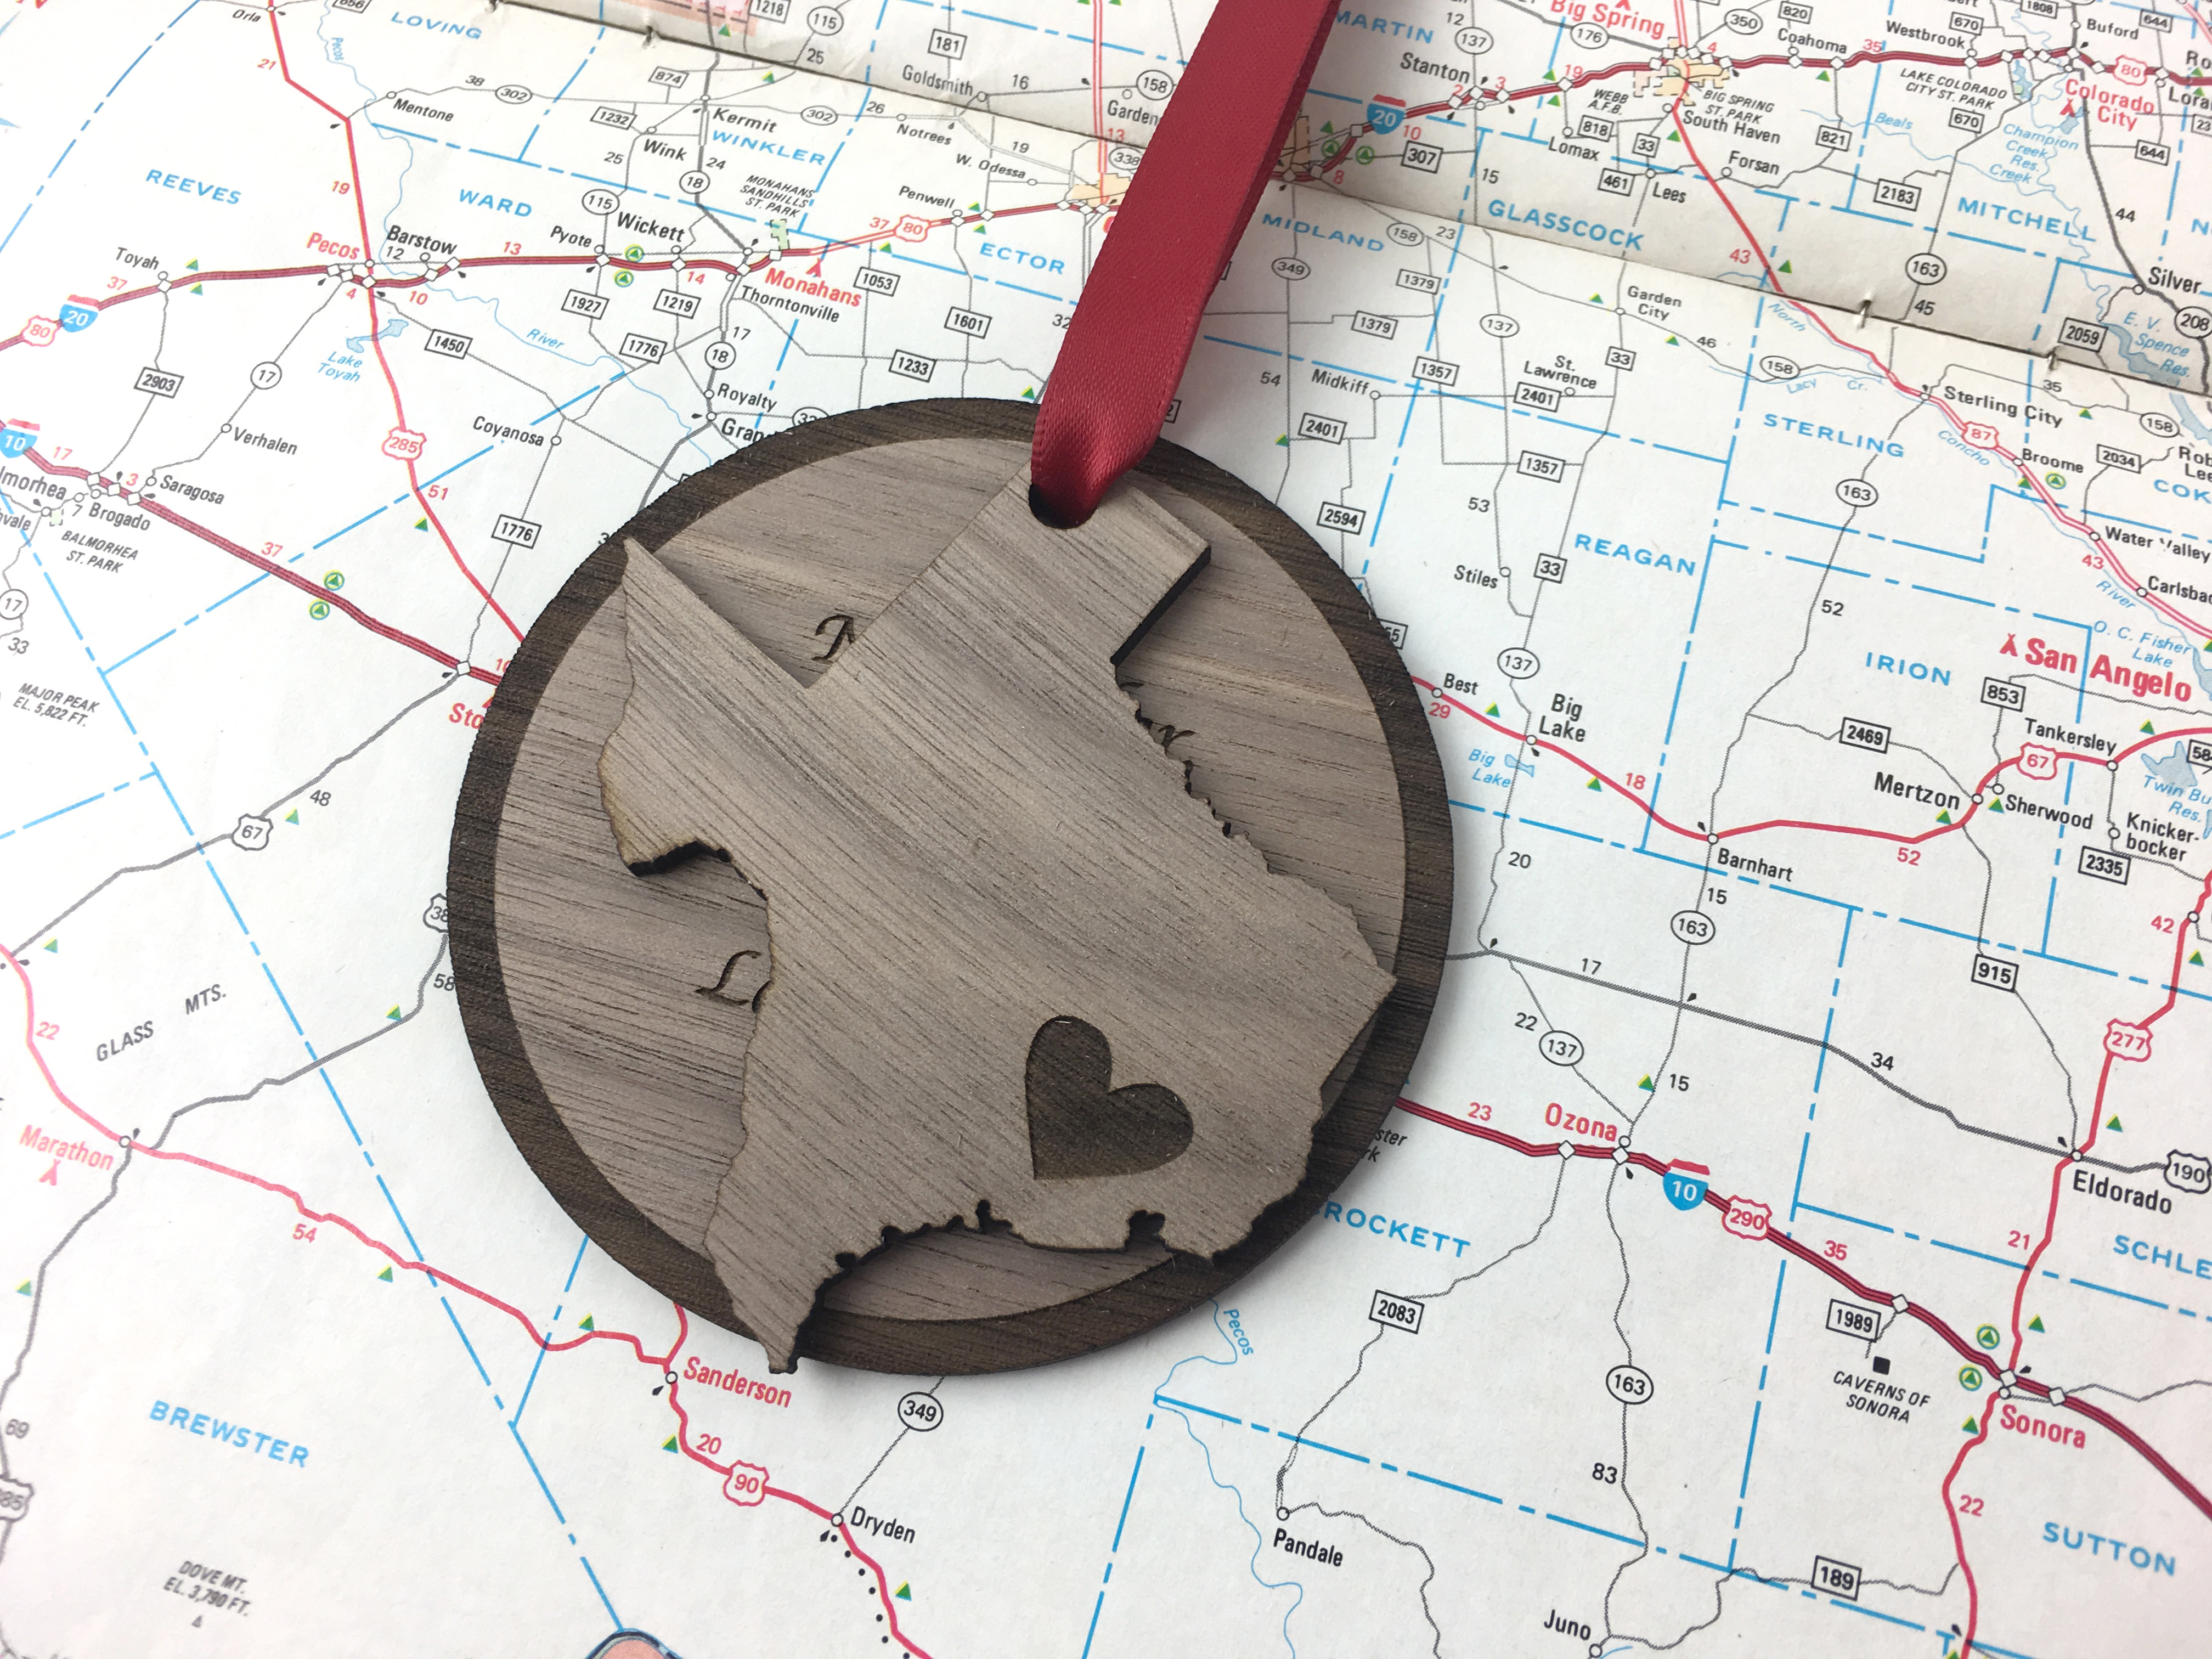 Heart on Texas Christmas ornament